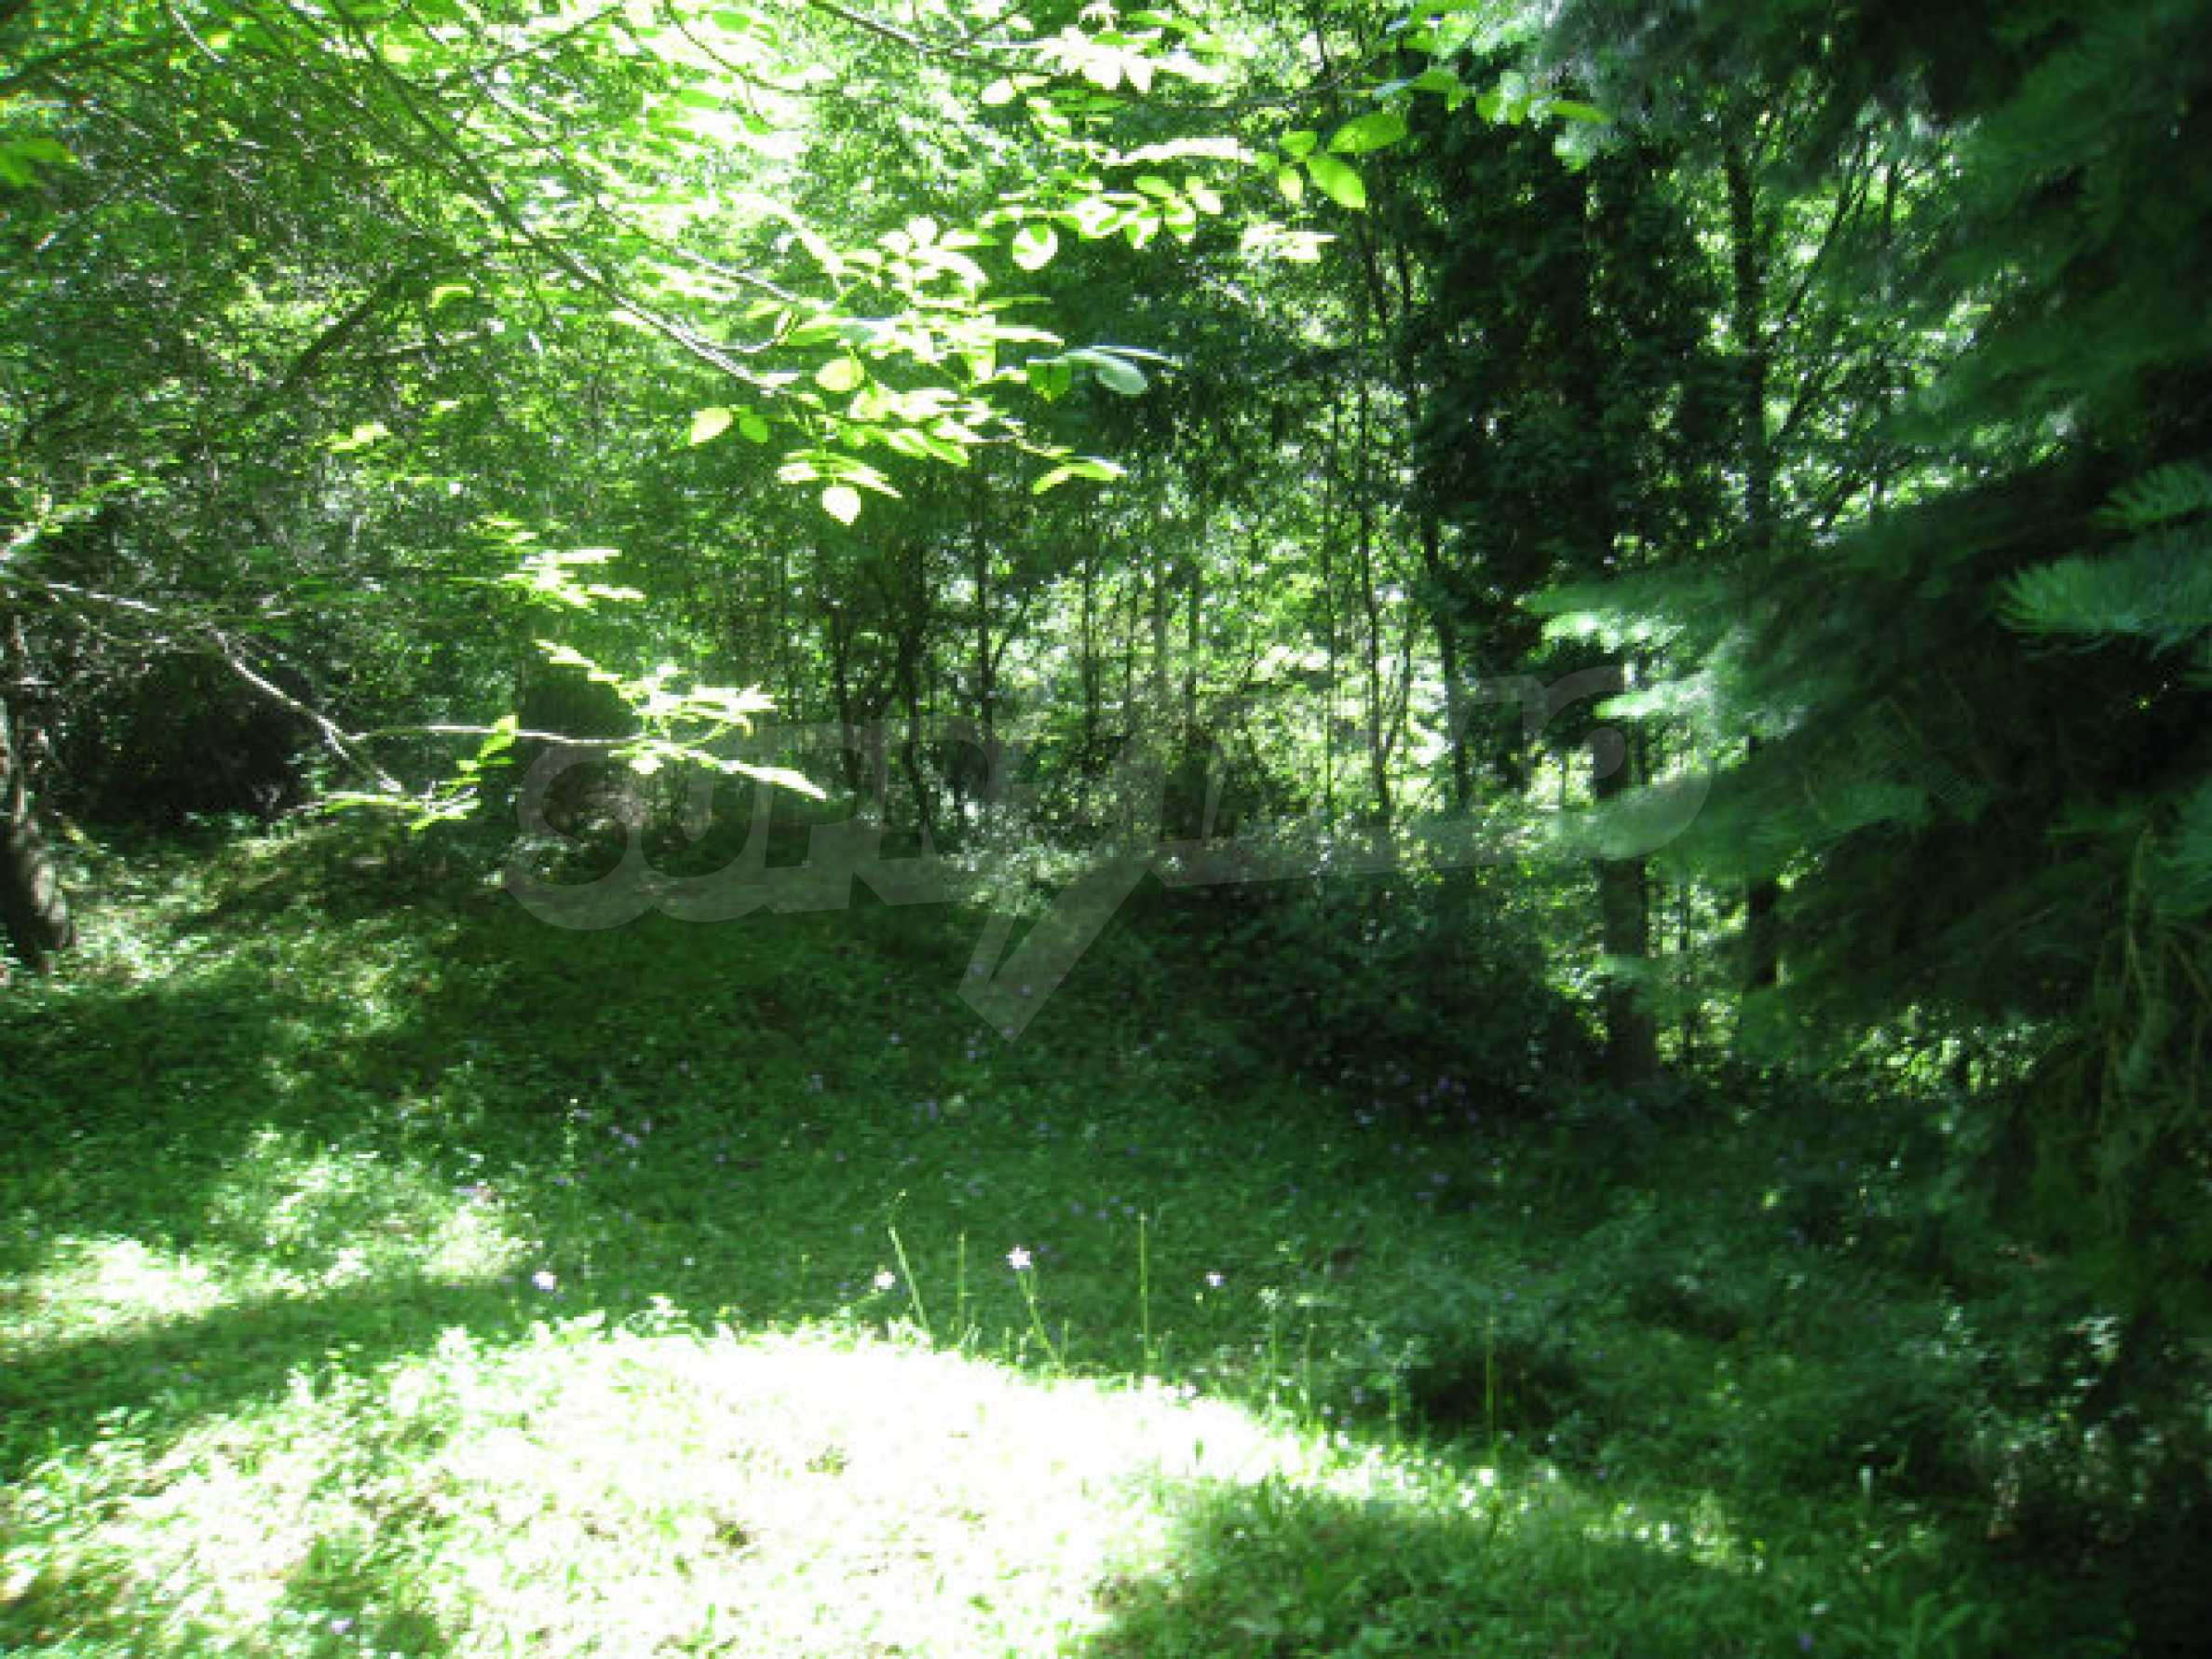 Development land in village 48 km from Svoge 8